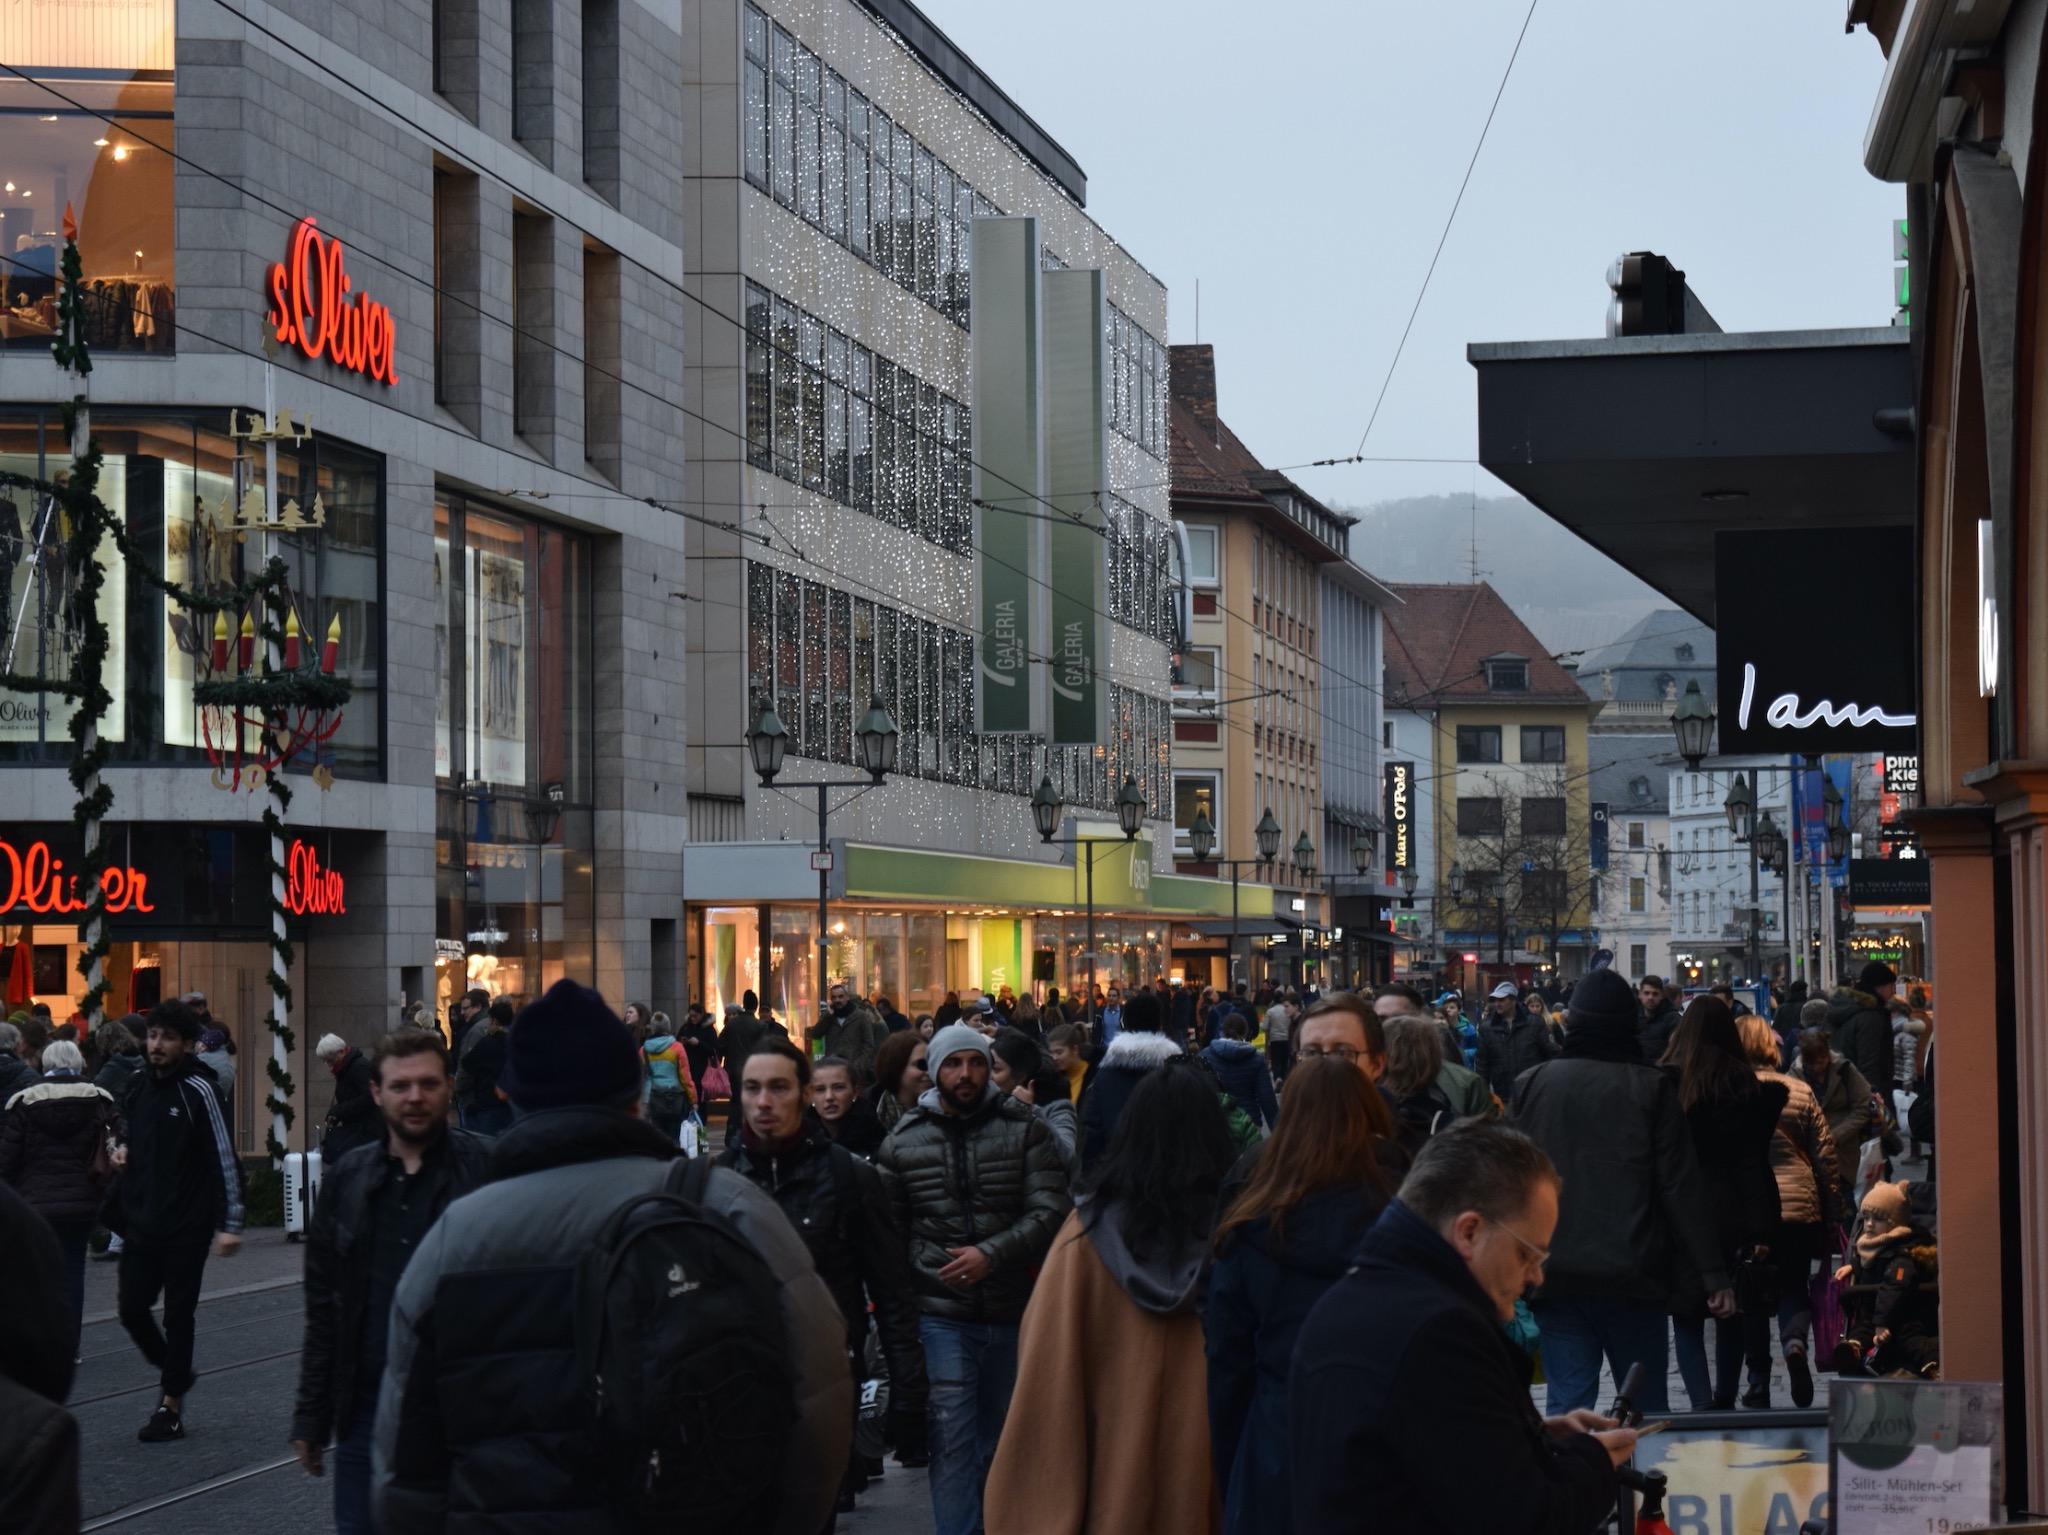 Volle Innenstadt beim Super Shopping Friday. Foto: Würzburg macht Spaß